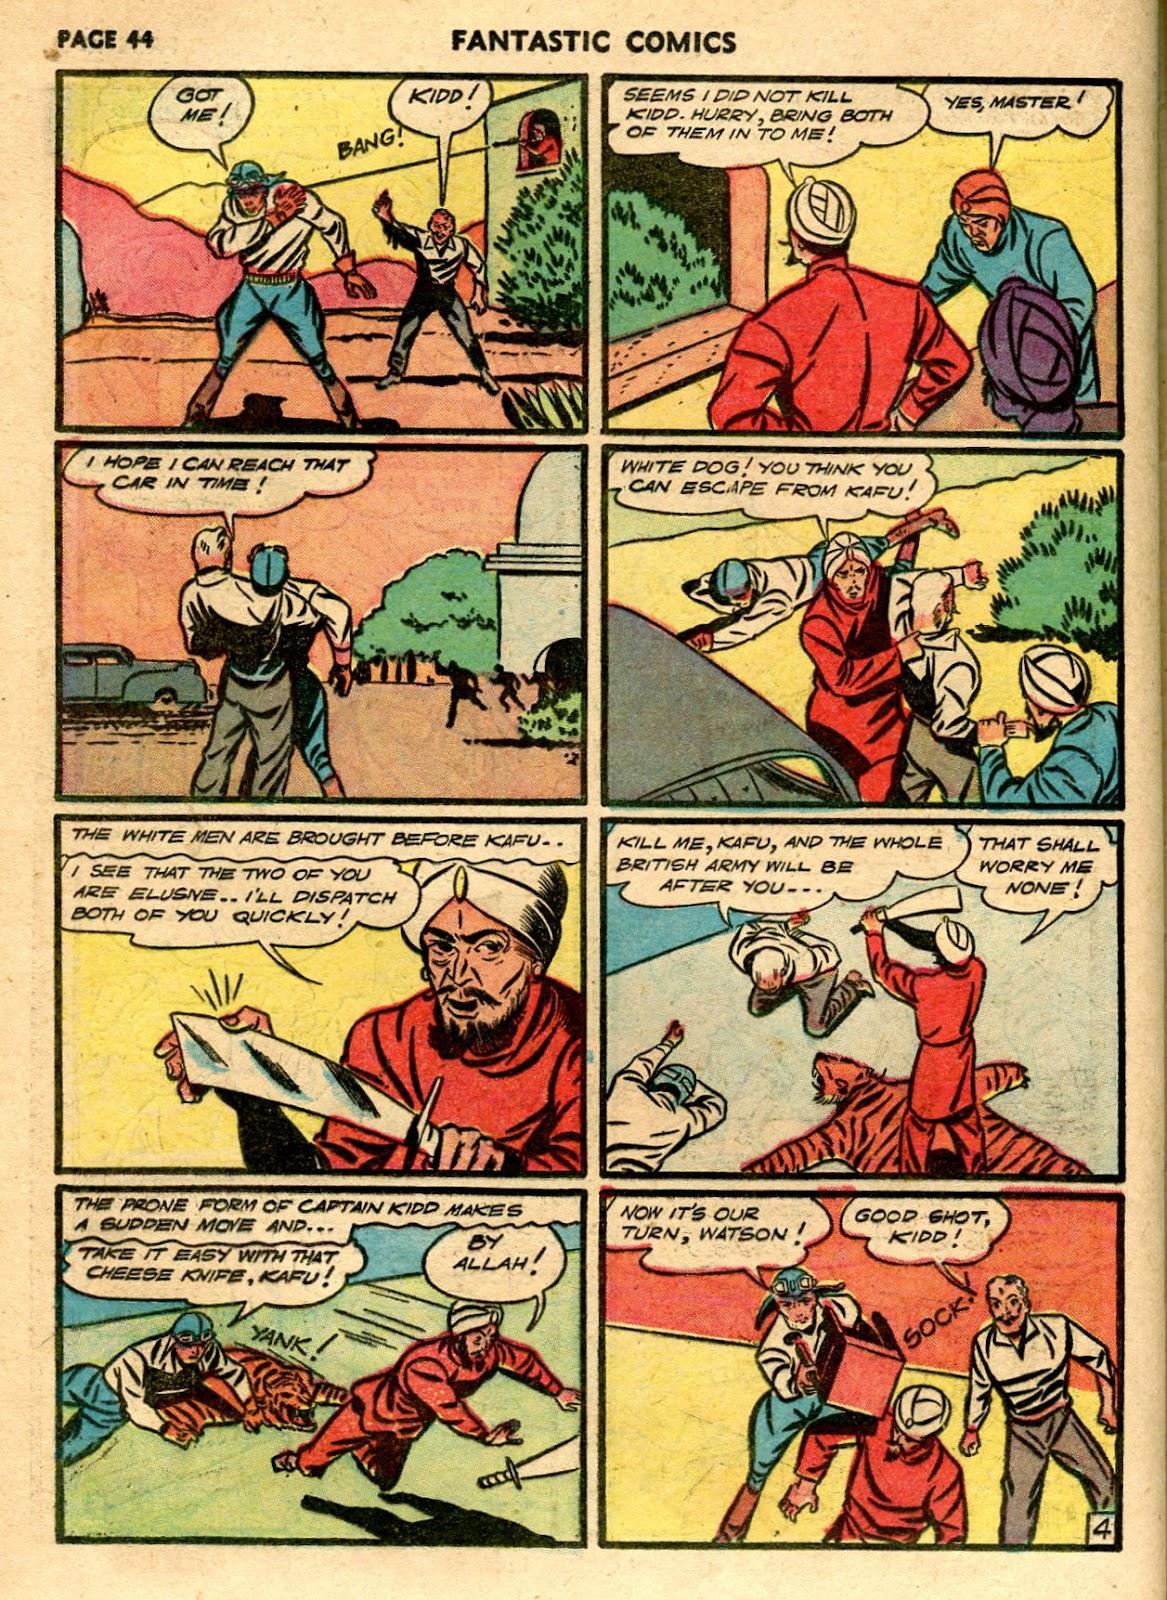 Read online Fantastic Comics comic -  Issue #21 - 42